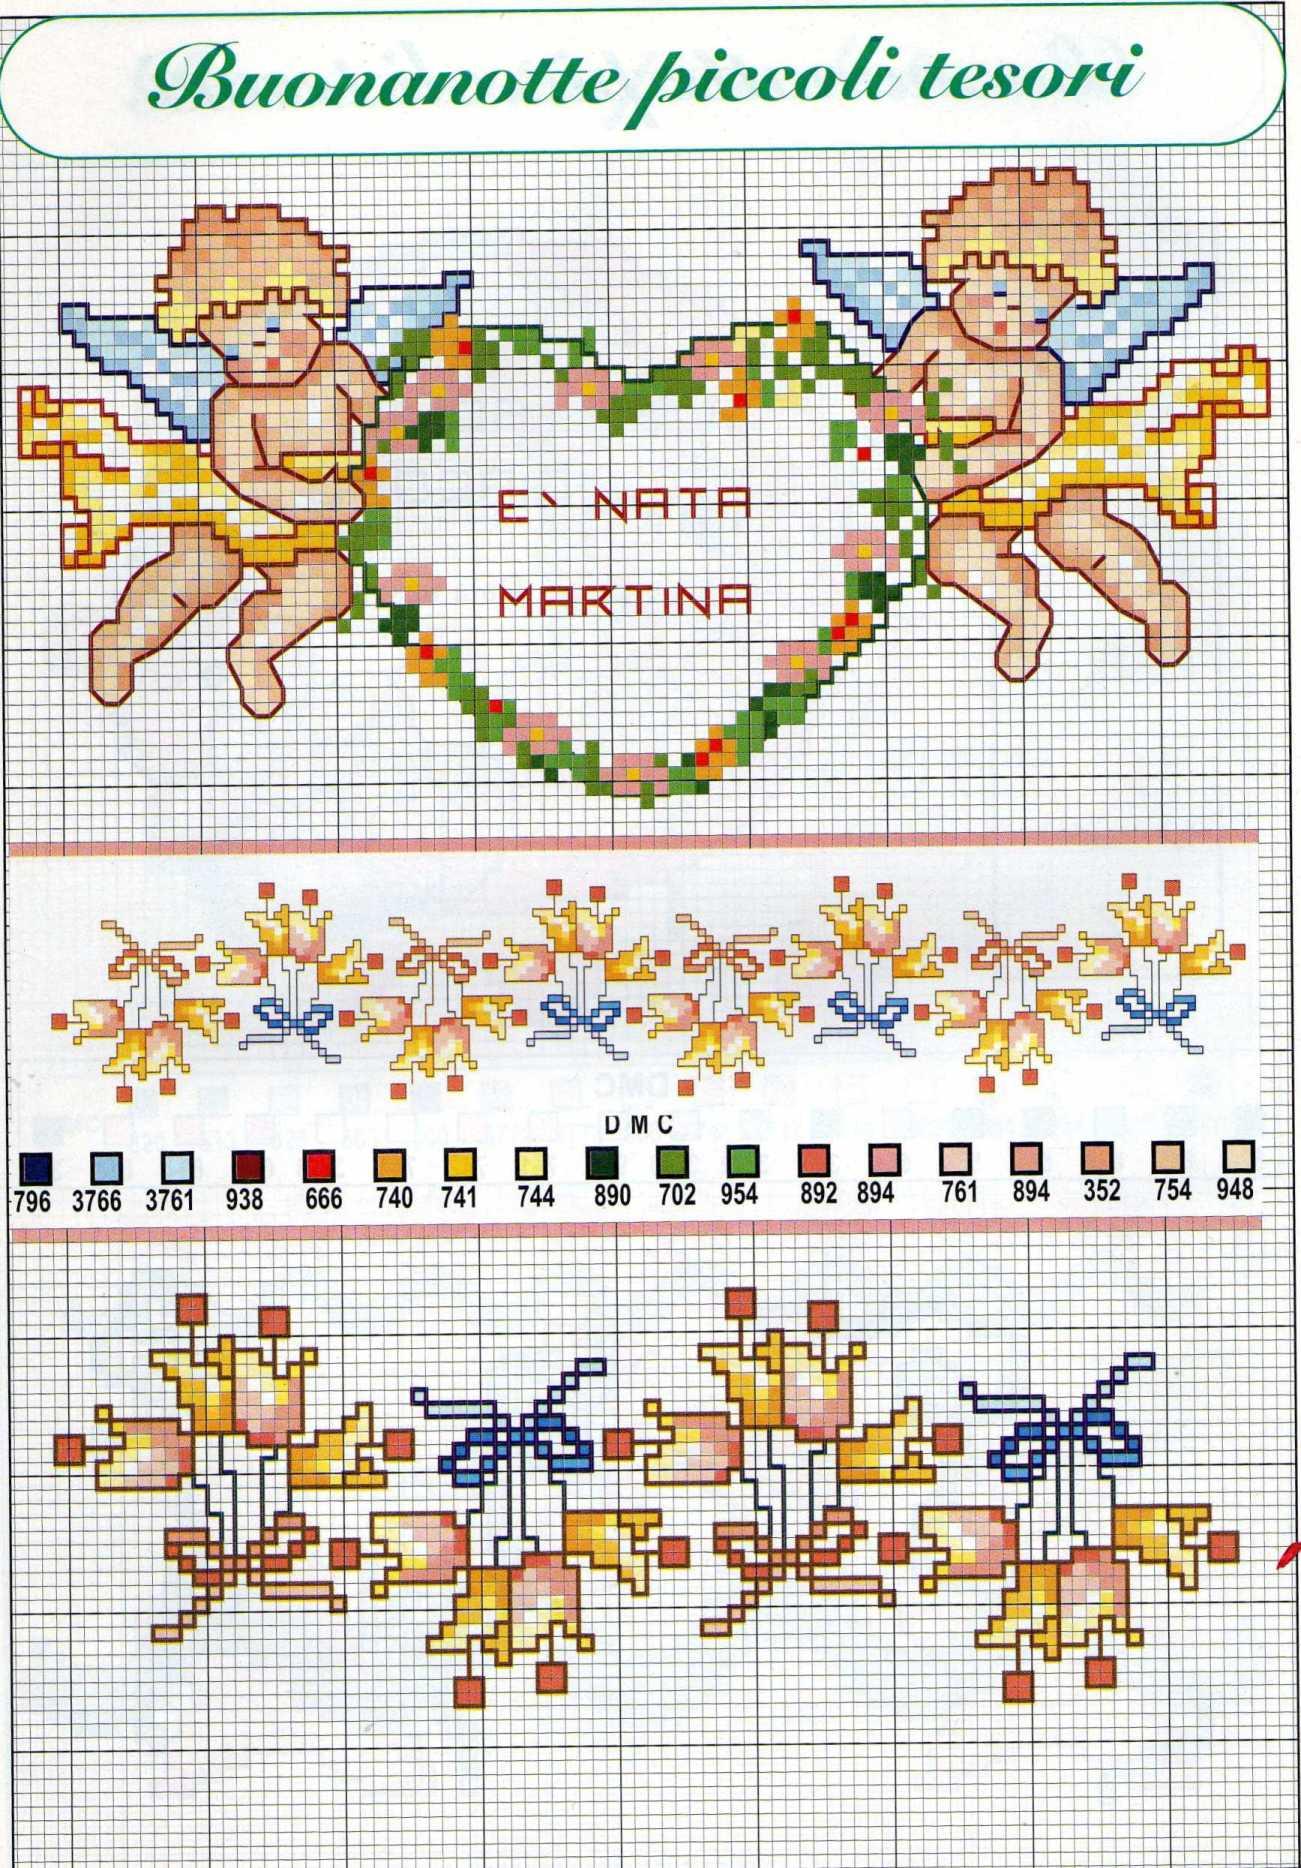 Ghirlanda a forma di cuore con angeli schema punto croce for Schemi punto croce bambini gratis